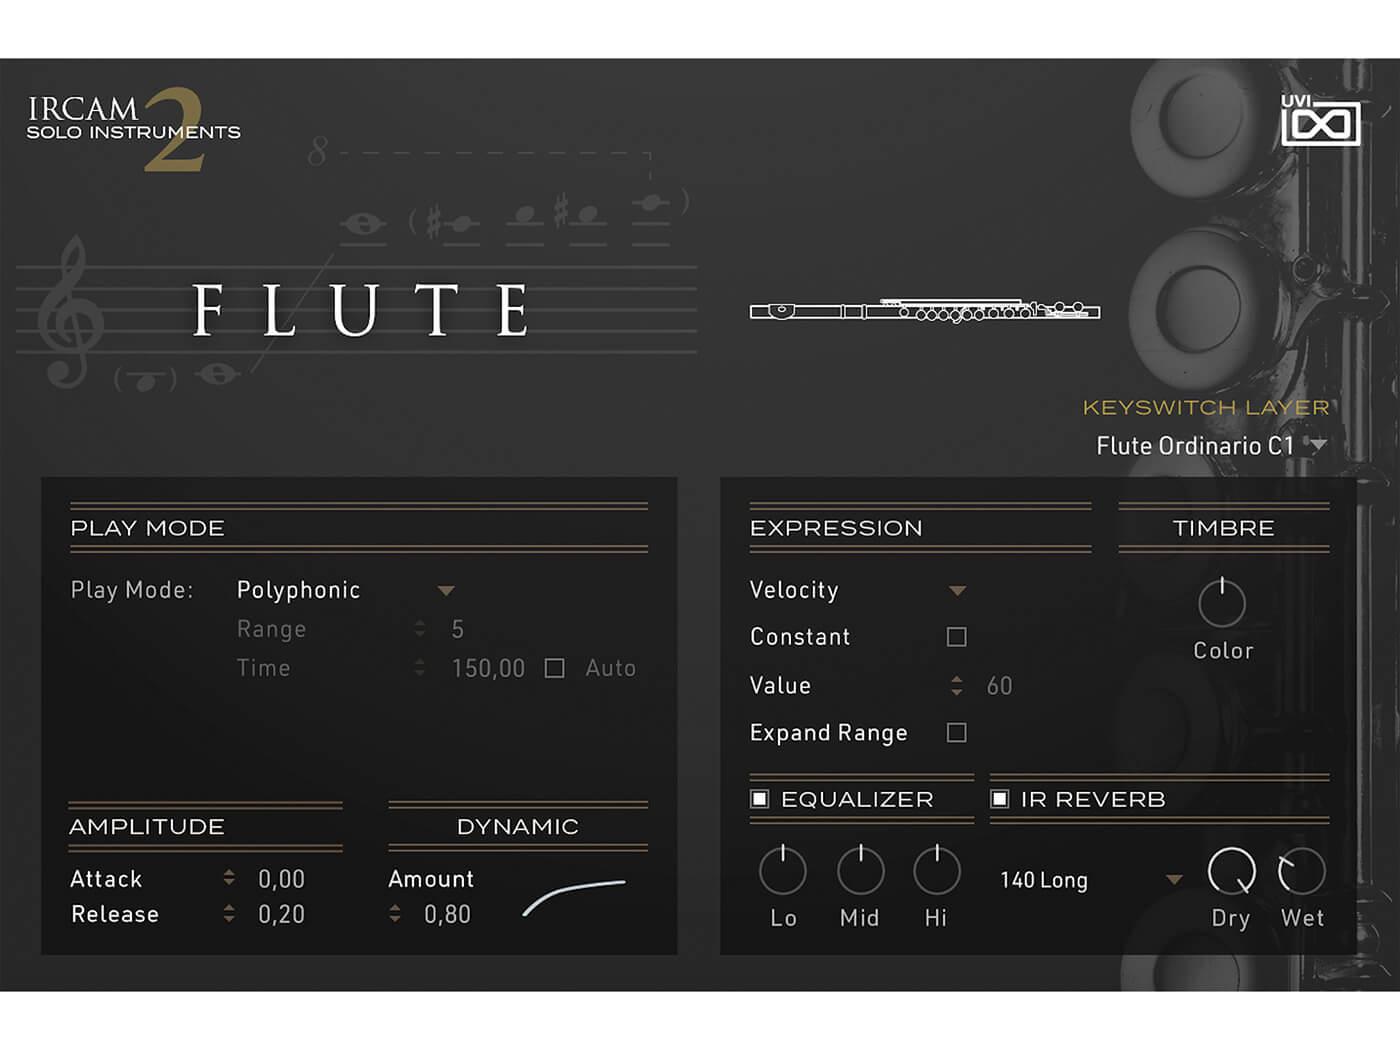 UVI IRCAM Solo Instruments 2 Flute